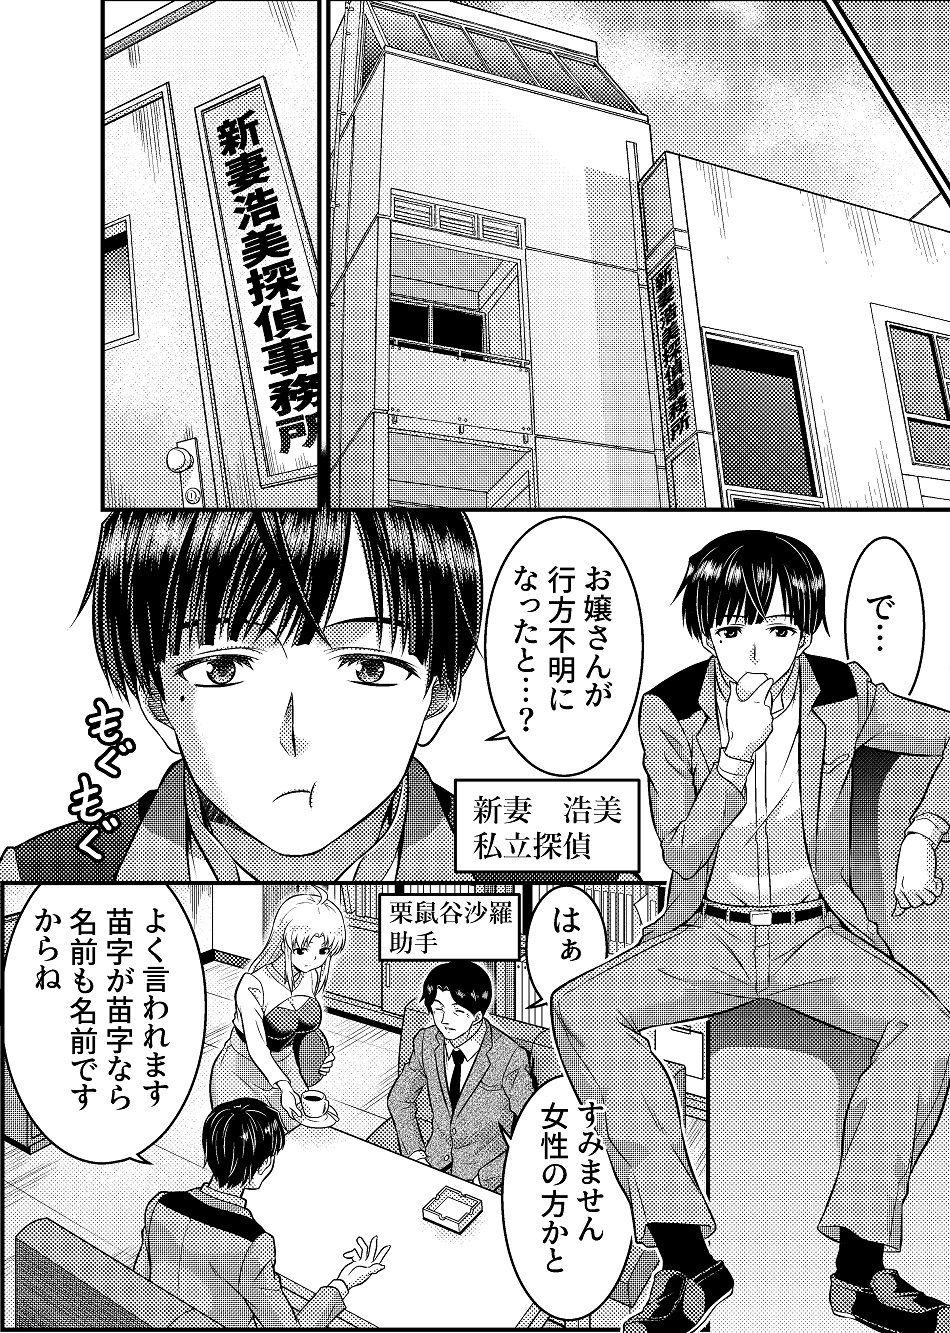 TS探偵新妻浩美 大学生失踪事件を追え!戦慄のバニーガールエロ画像サンプル